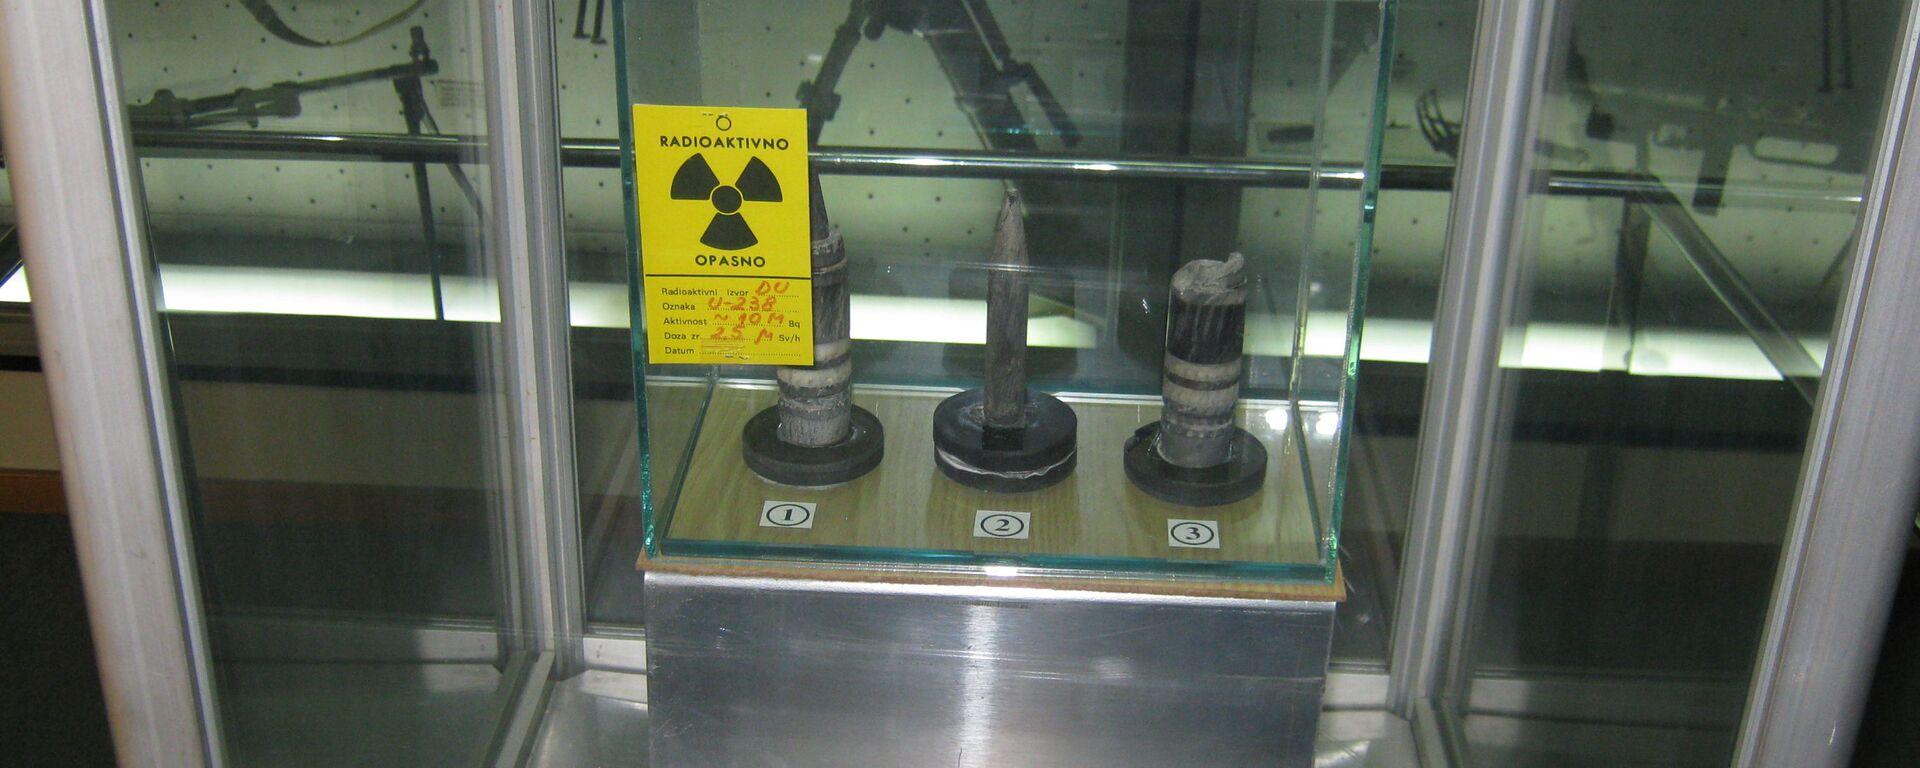 Остаци бомби са осиромашеним уранијумом које су кориштене током НАТО агресије на СРЈ 1999. године - Sputnik Србија, 1920, 09.06.2021